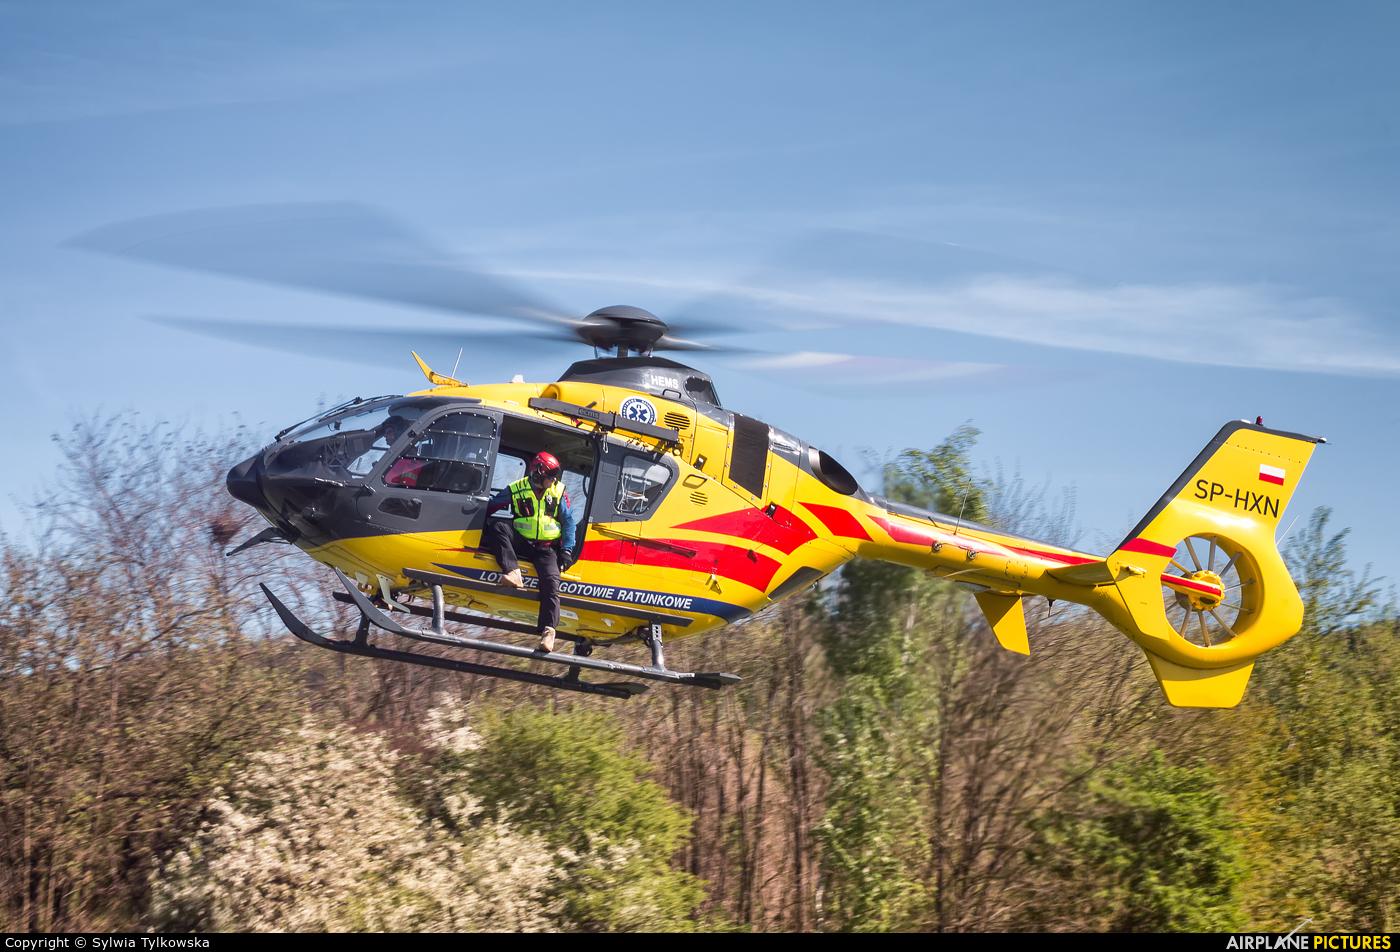 Polish Medical Air Rescue - Lotnicze Pogotowie Ratunkowe SP-HXN aircraft at Kielce Masłów